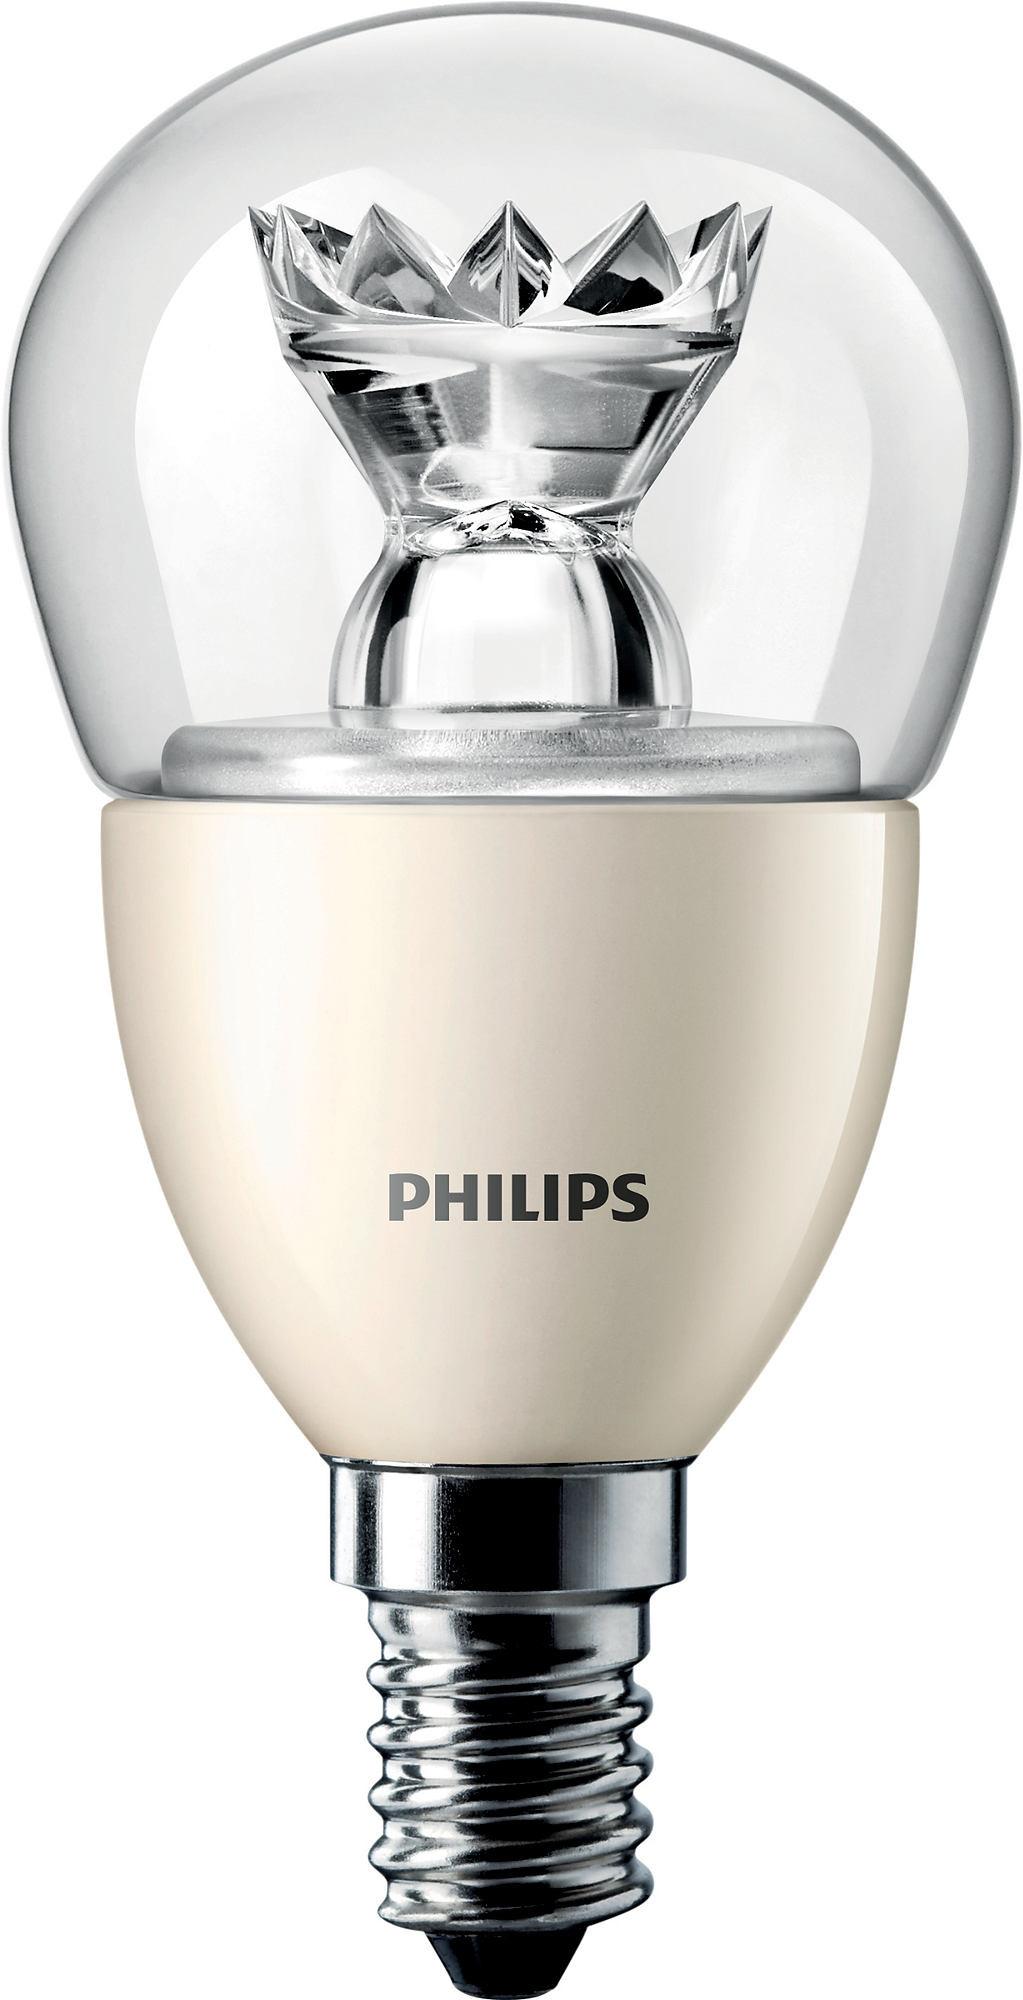 Philips MASTER LEDluster D 6-40W E14 827 P48 CL